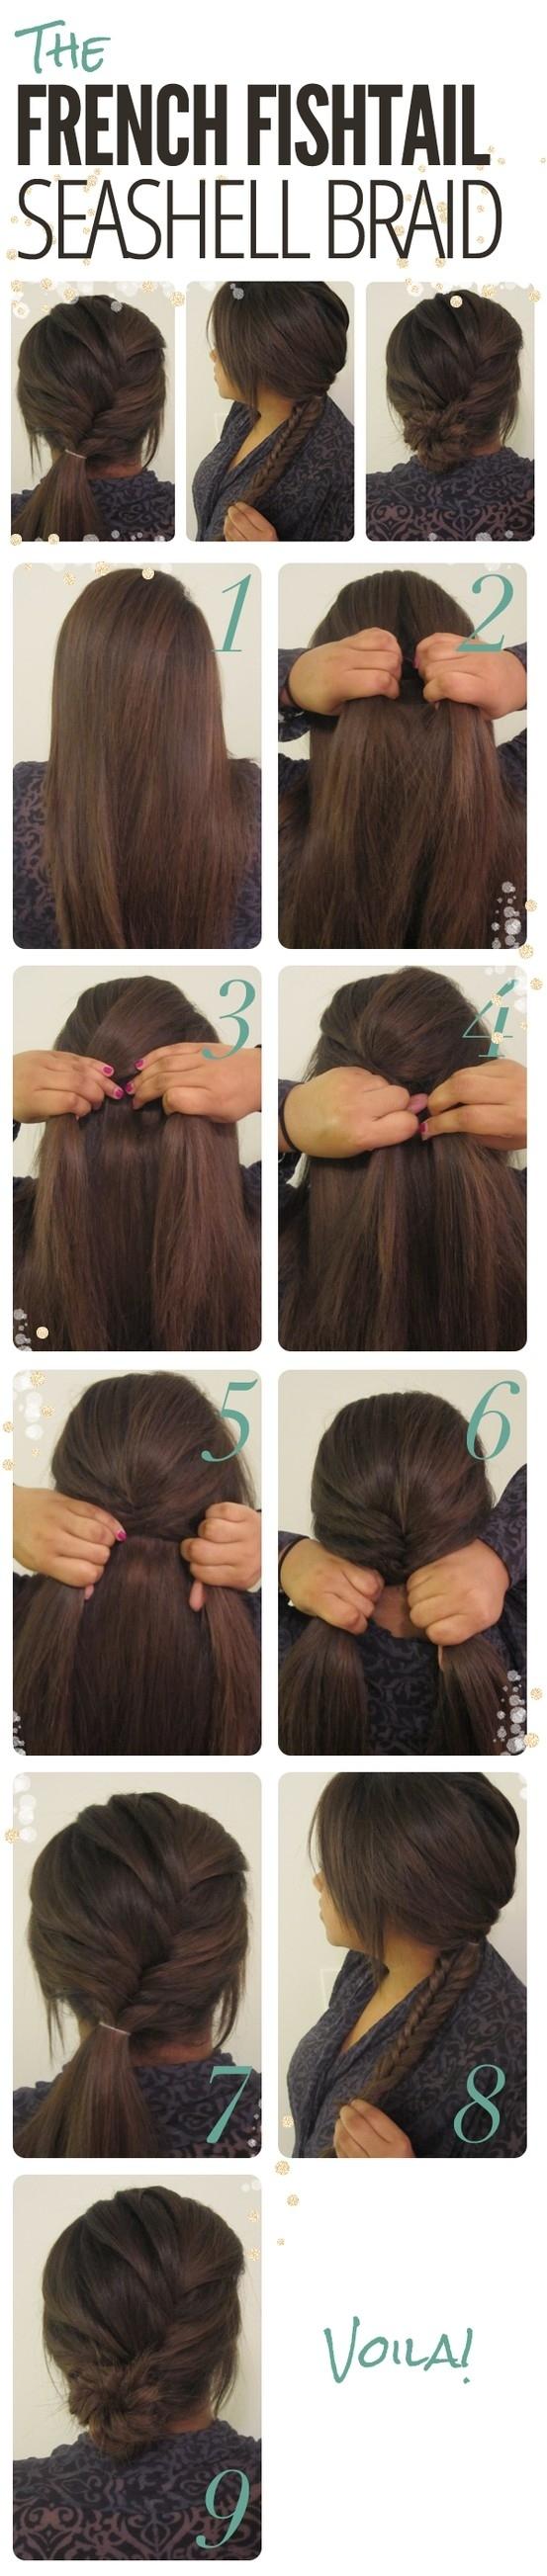 Watch Twist Braid Updo Hairstyle Tutorial: Maiden Hairstyles video